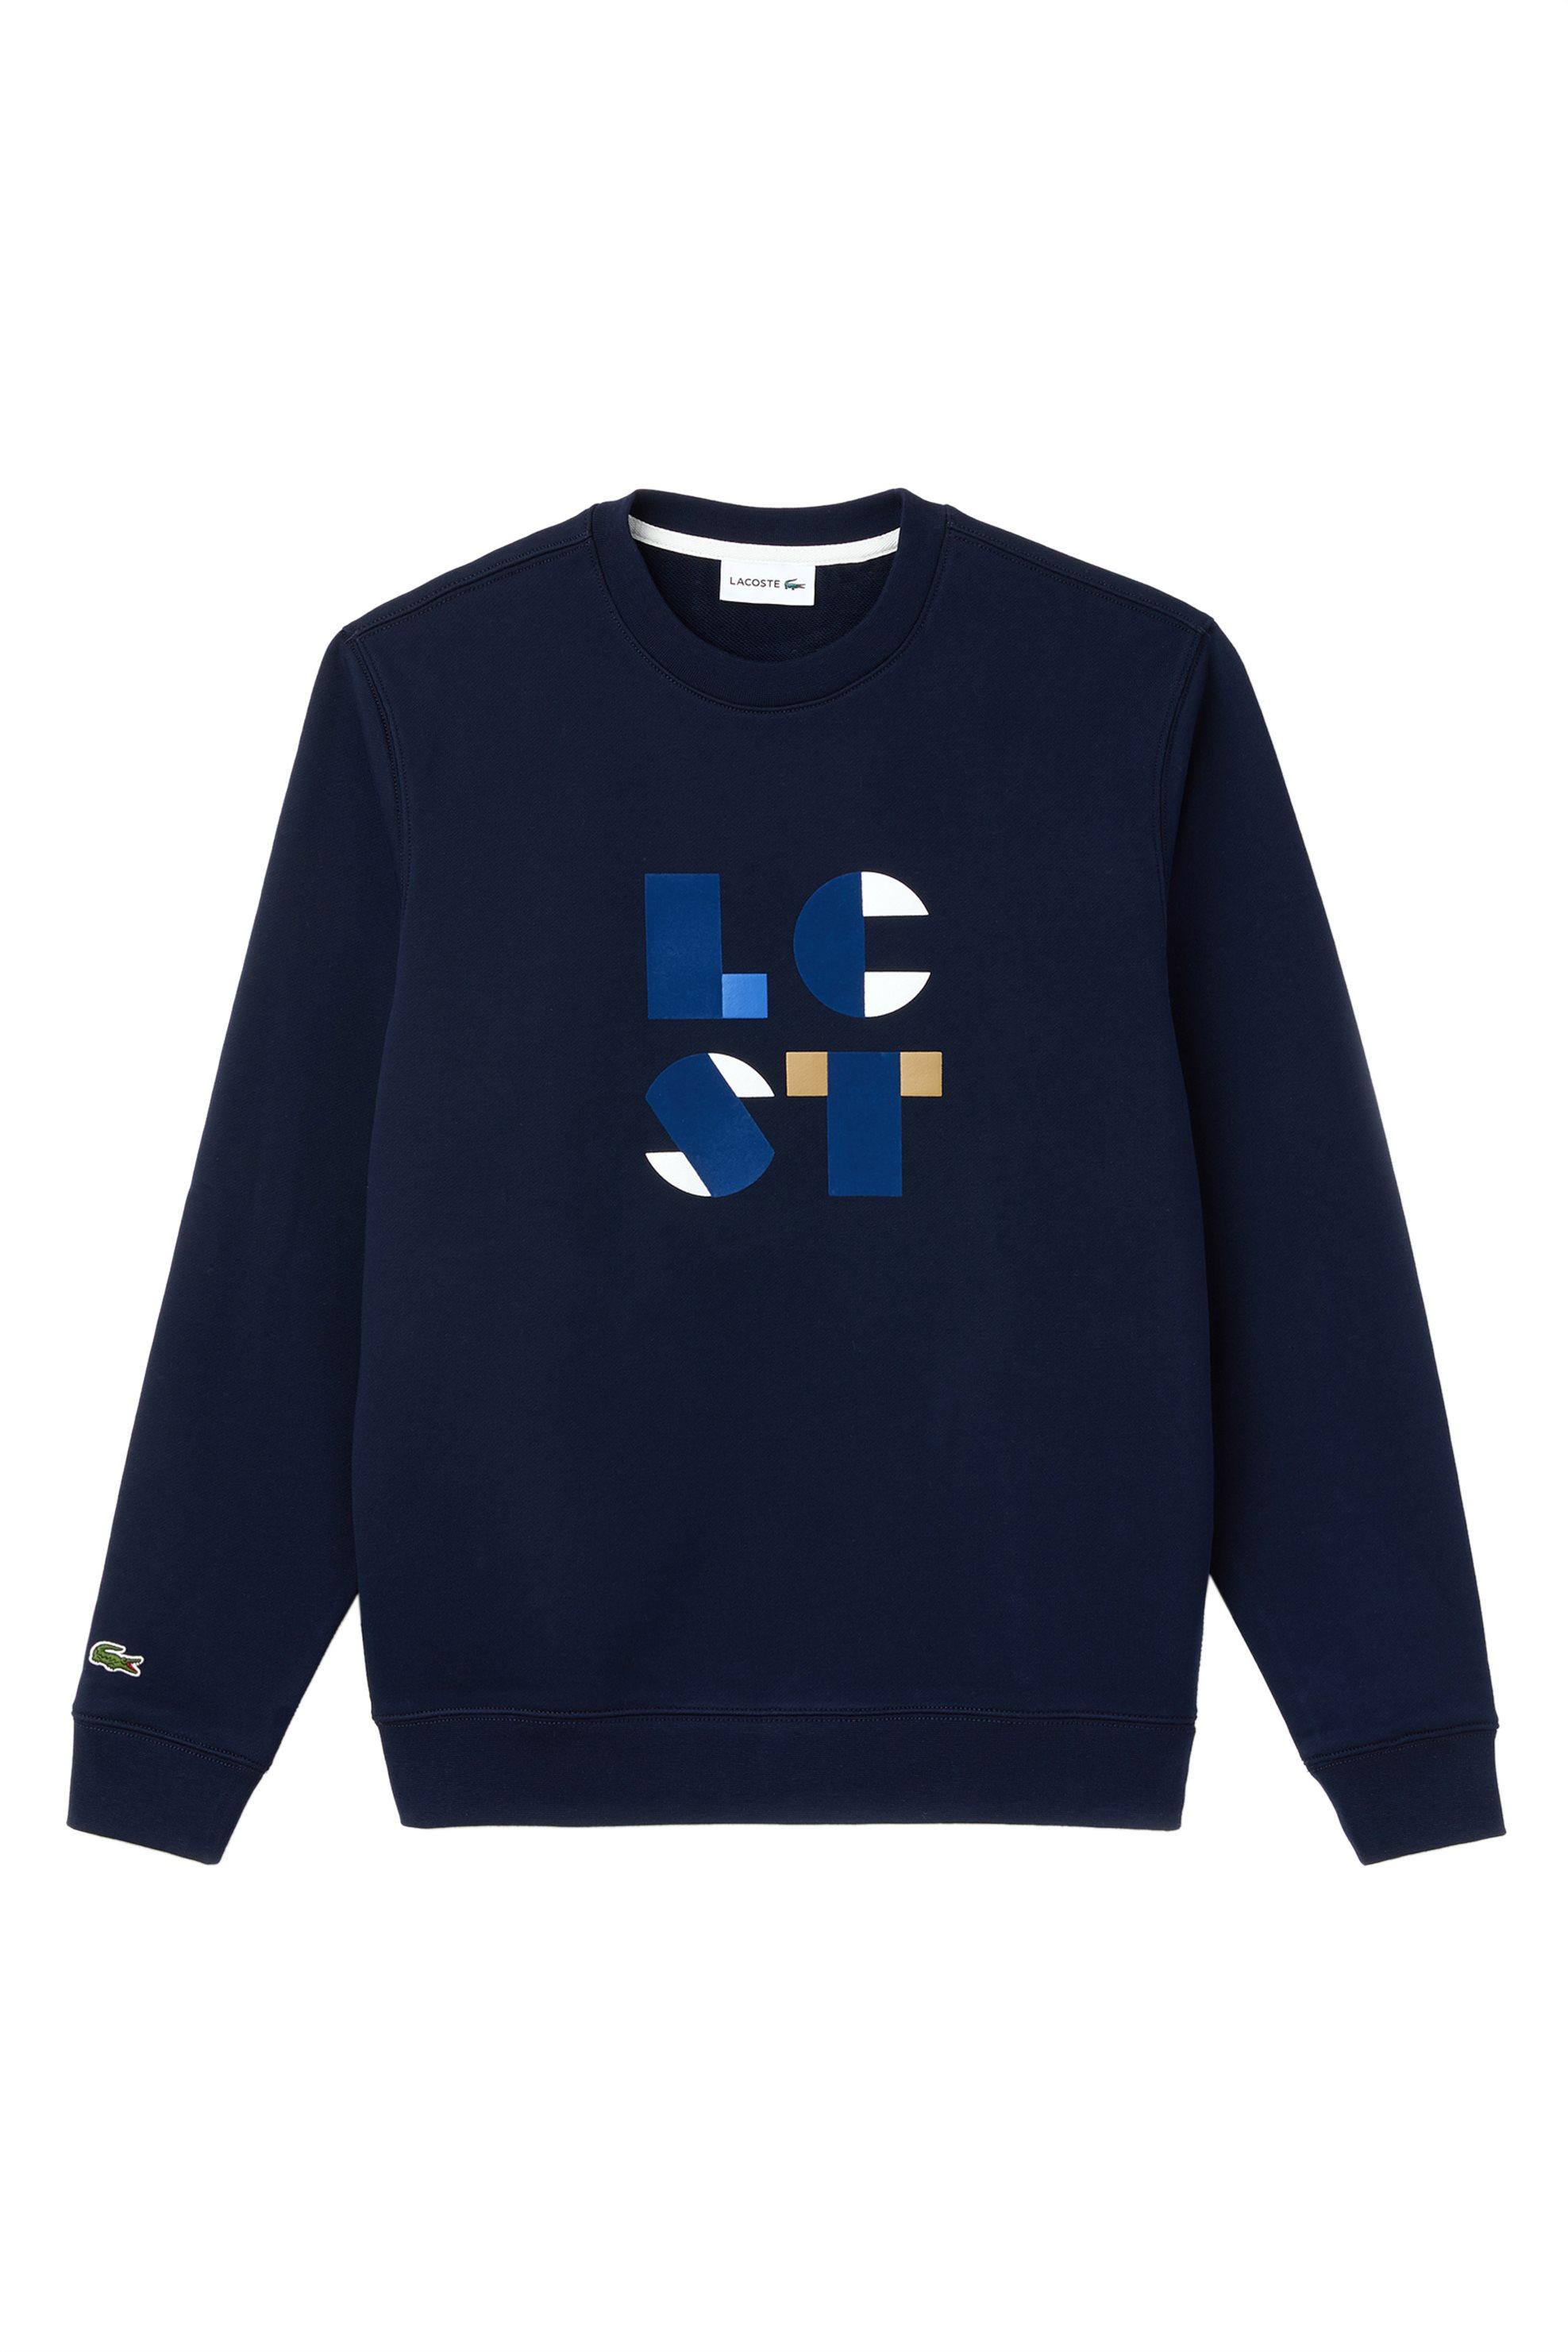 586175cd454 Lacoste ανδρικό φούτερ μονόχρωμο με LCST logo - SH9219 - Μπλε Σκούρο